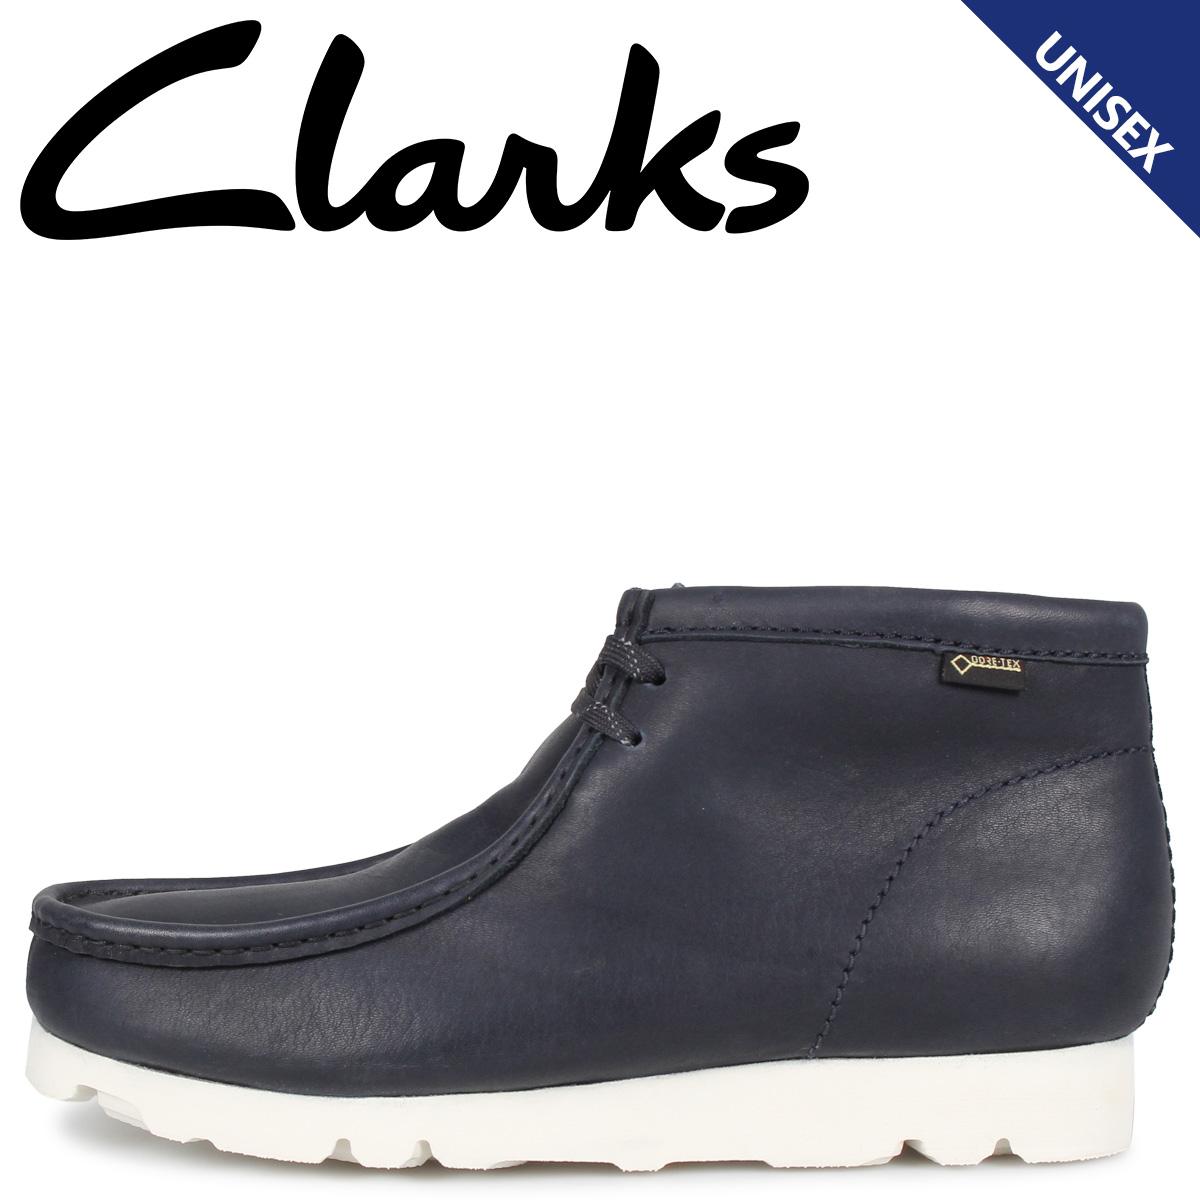 Clarks クラークス ワラビー ブーツ メンズ レディース WALLABEE GTX レザー ゴアテックス ブラック 黒 26144519